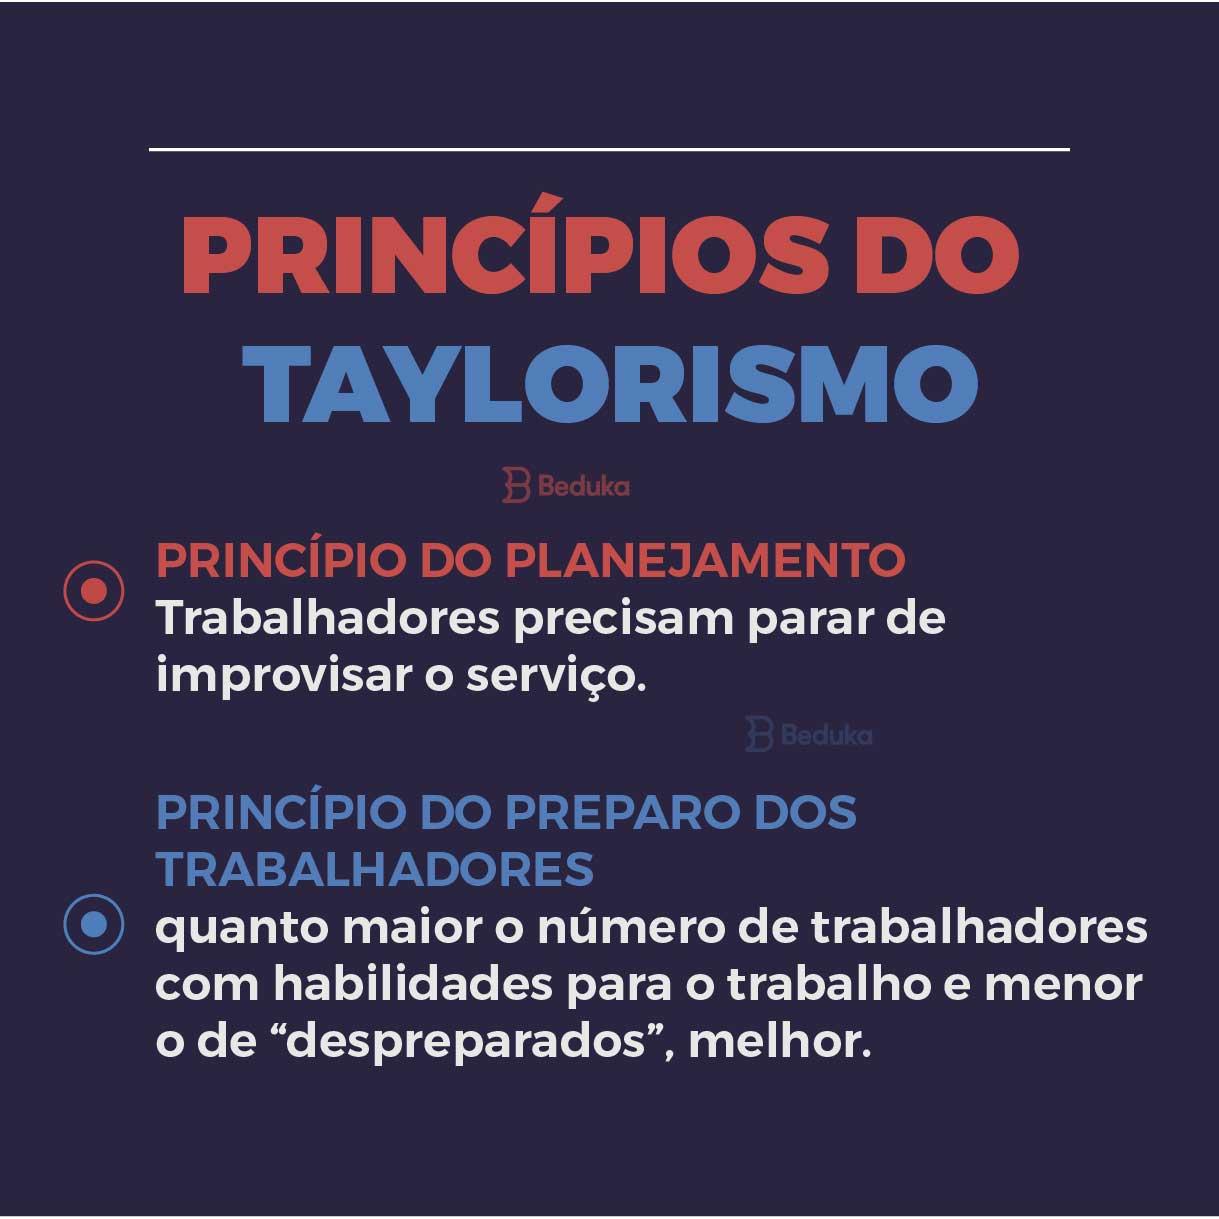 princípios do taylorismo, planejamento e preparo dos trabalhadores